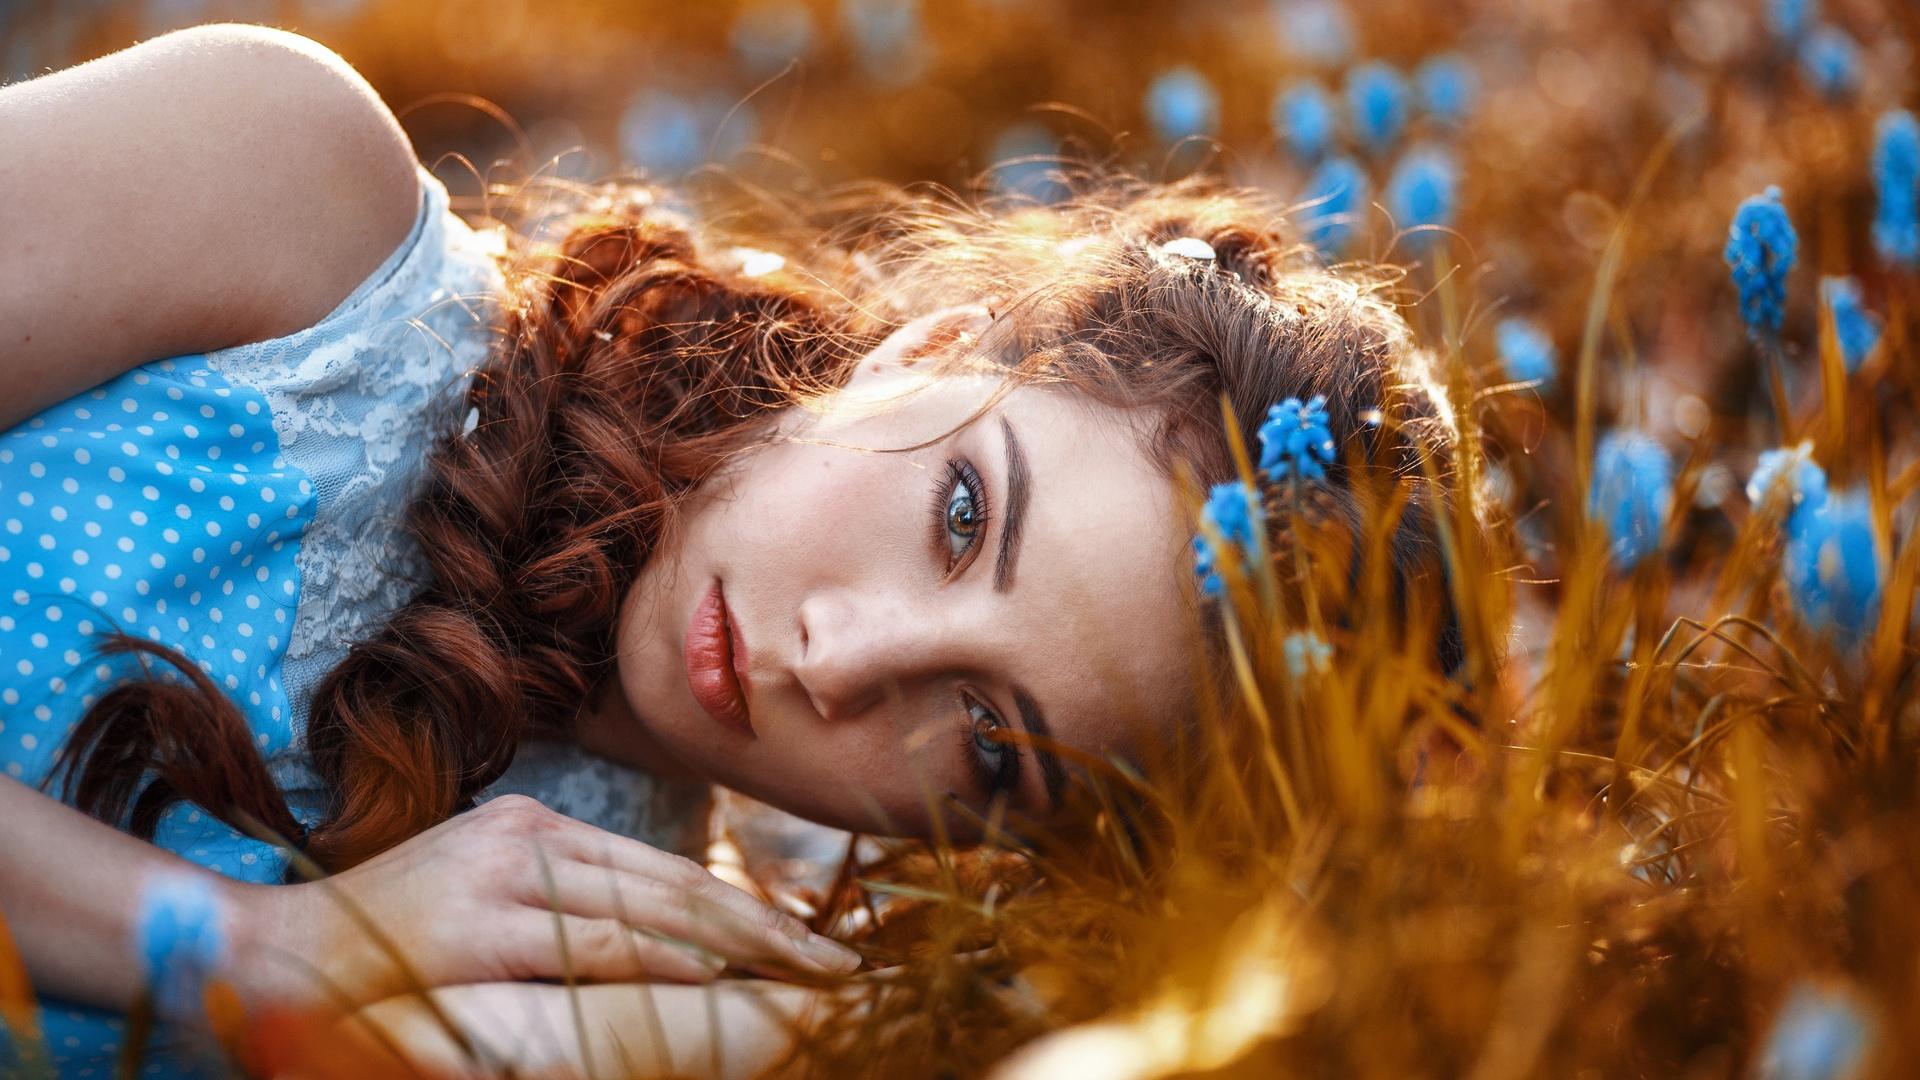 лицо, взгляд, лежит, волосы, рыжая, девушка